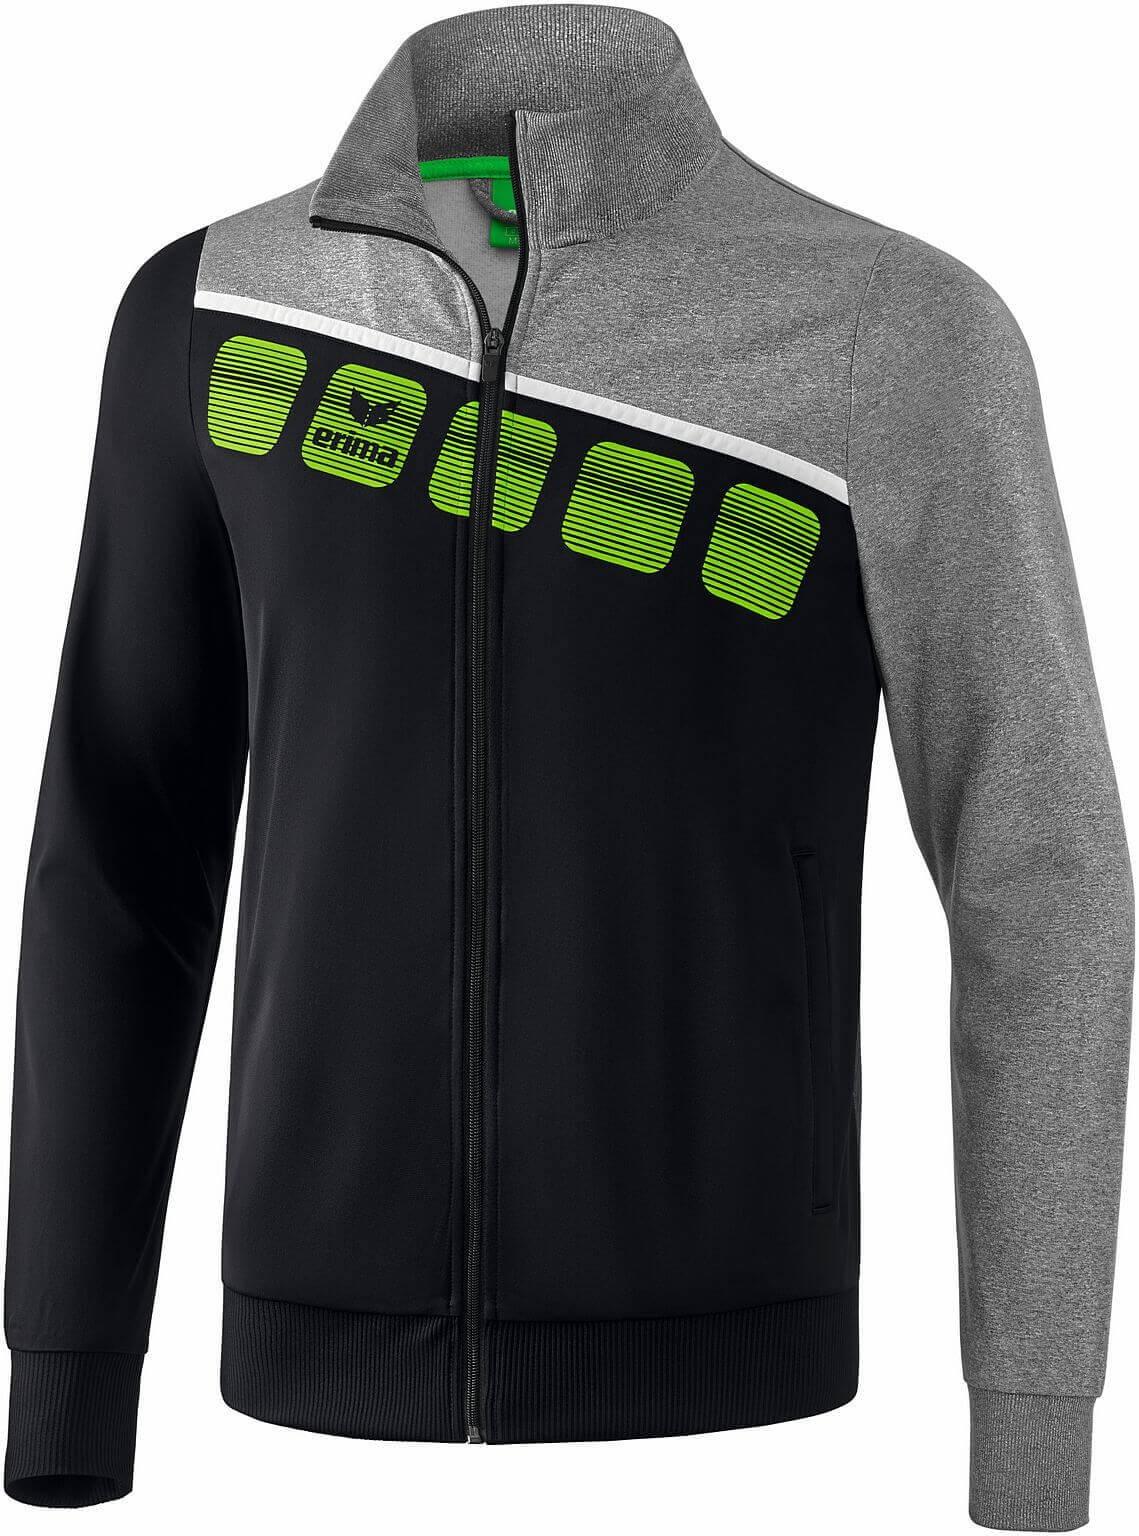 ERIMA 5-C bluza sportowa męska